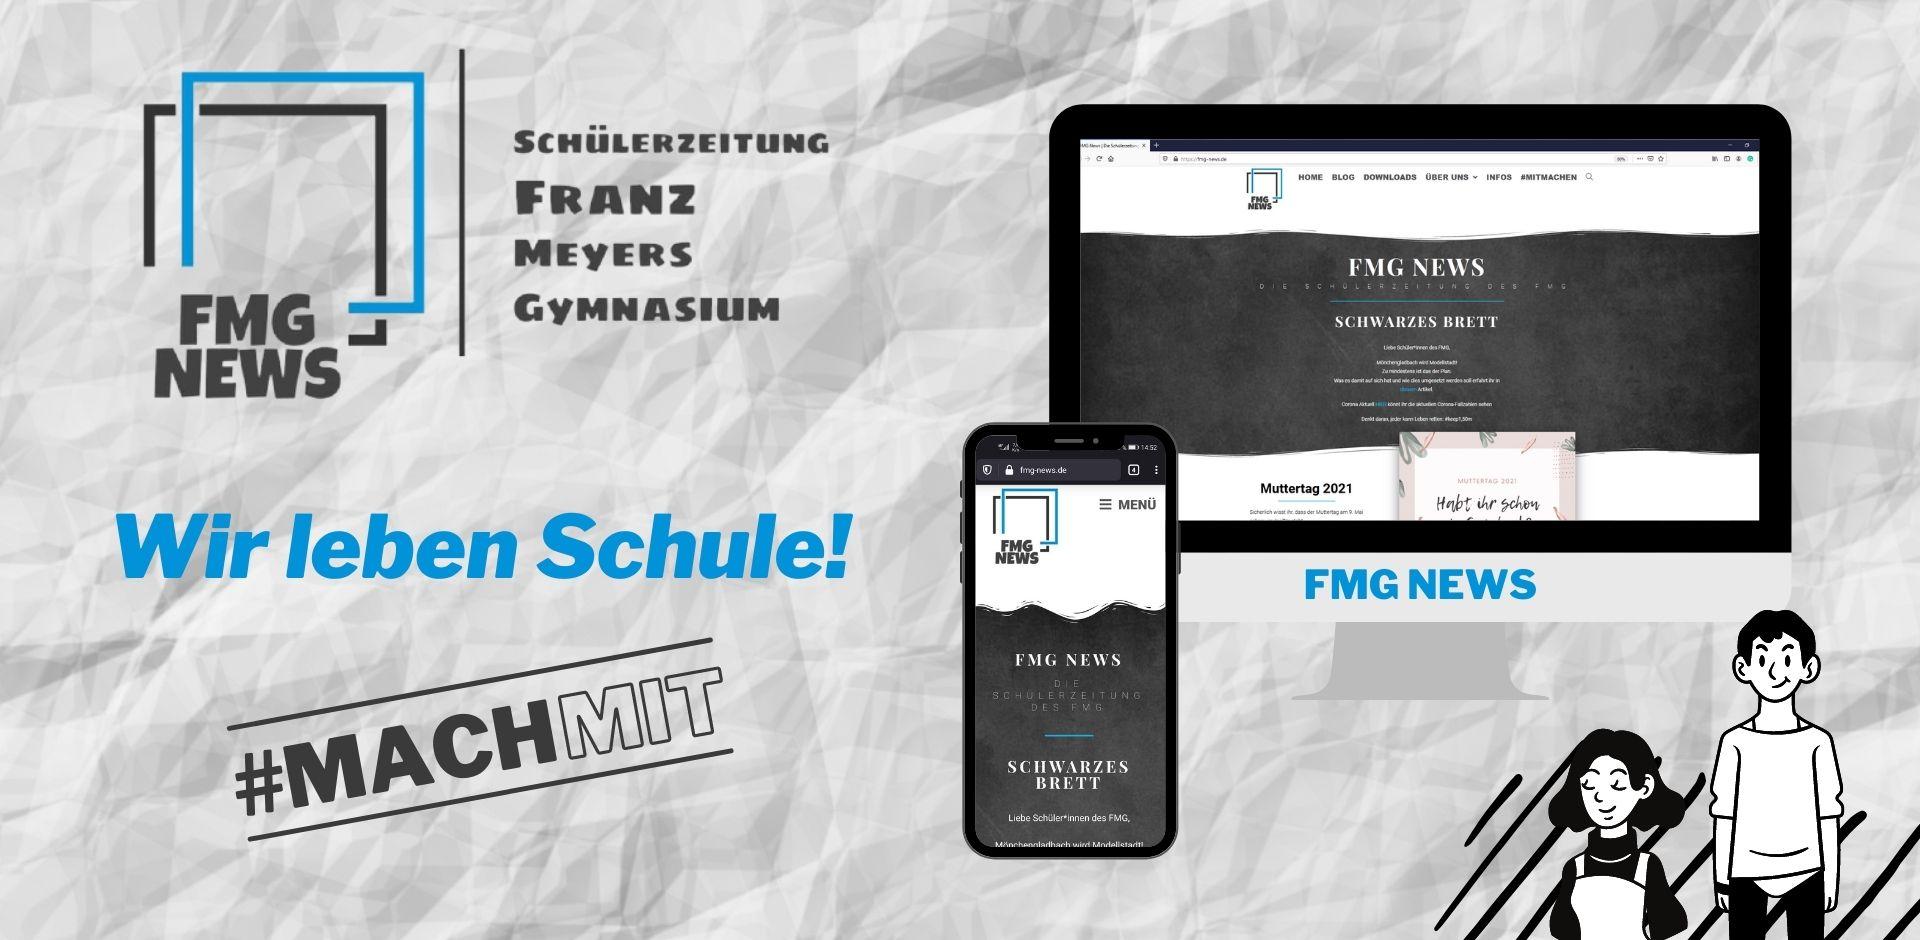 Schülerzeitung - Homepage